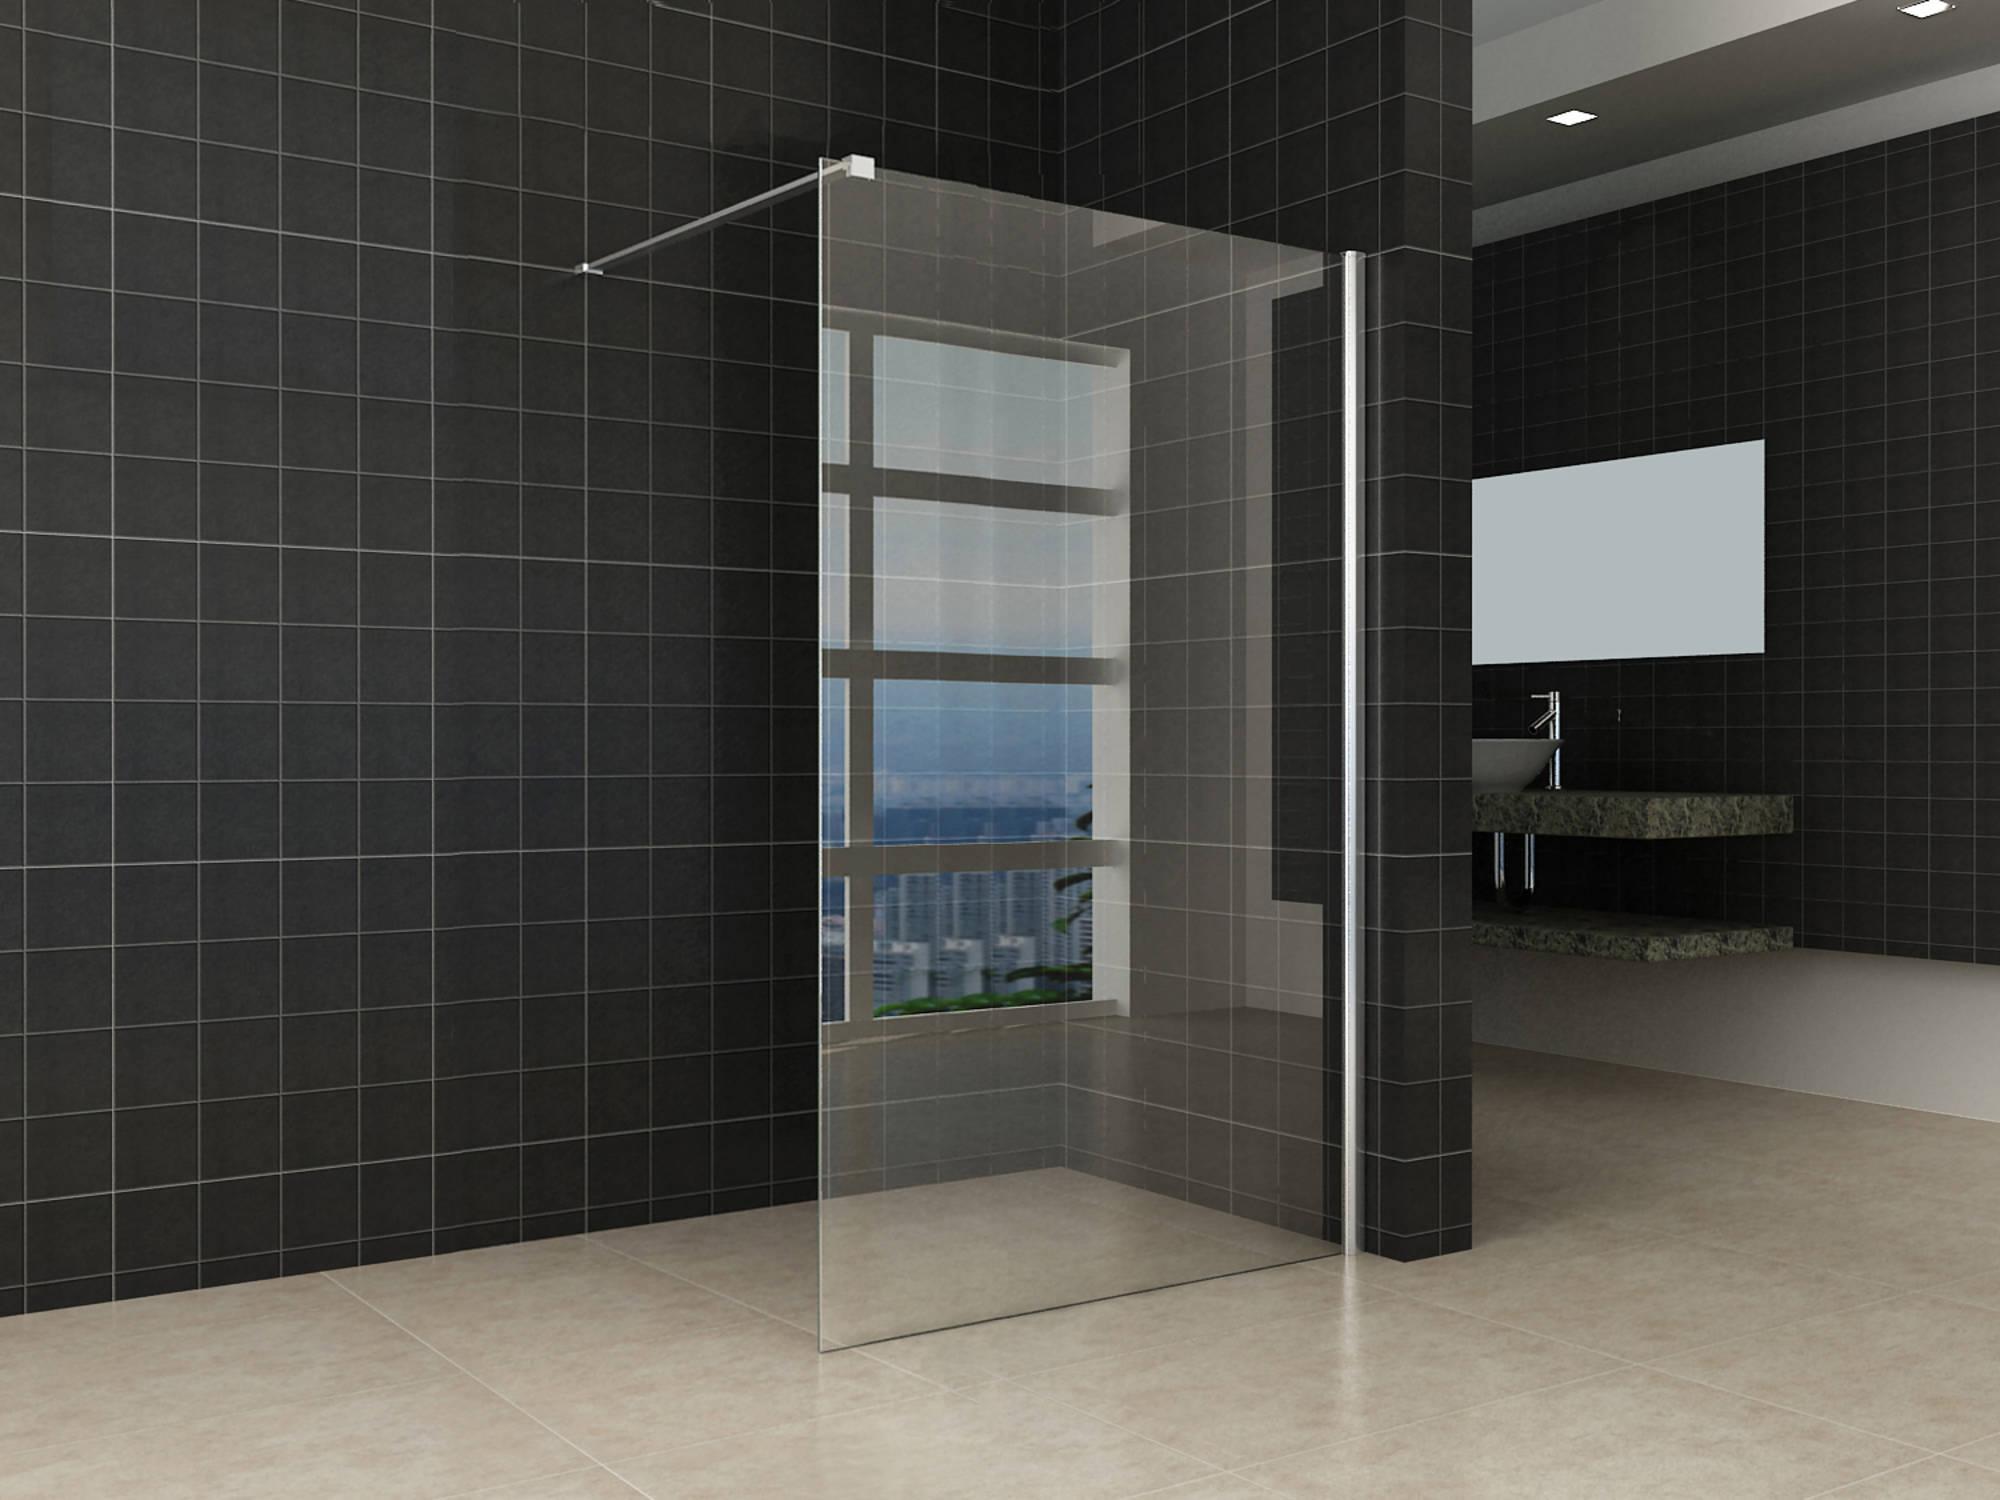 Productafbeelding van Saqu Splash Inloopdouche met muurprofiel 120x200 cm Nanoglas